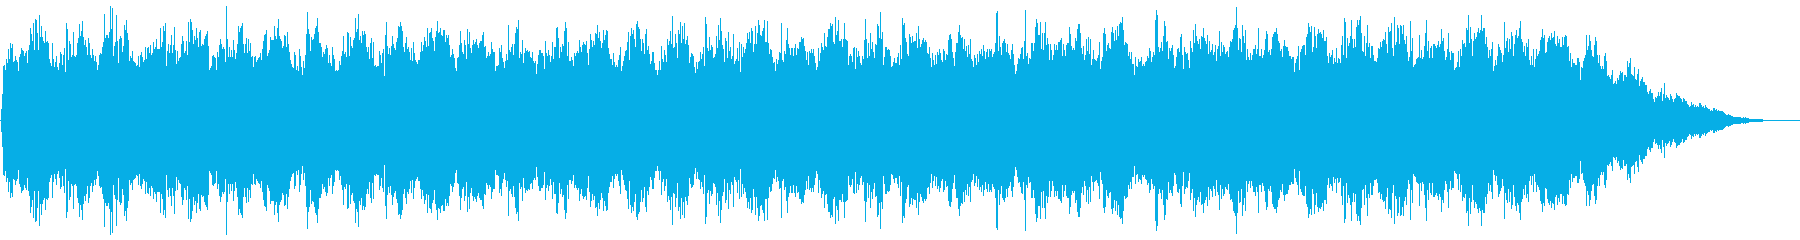 フィールドの背景音などにの再生済みの波形